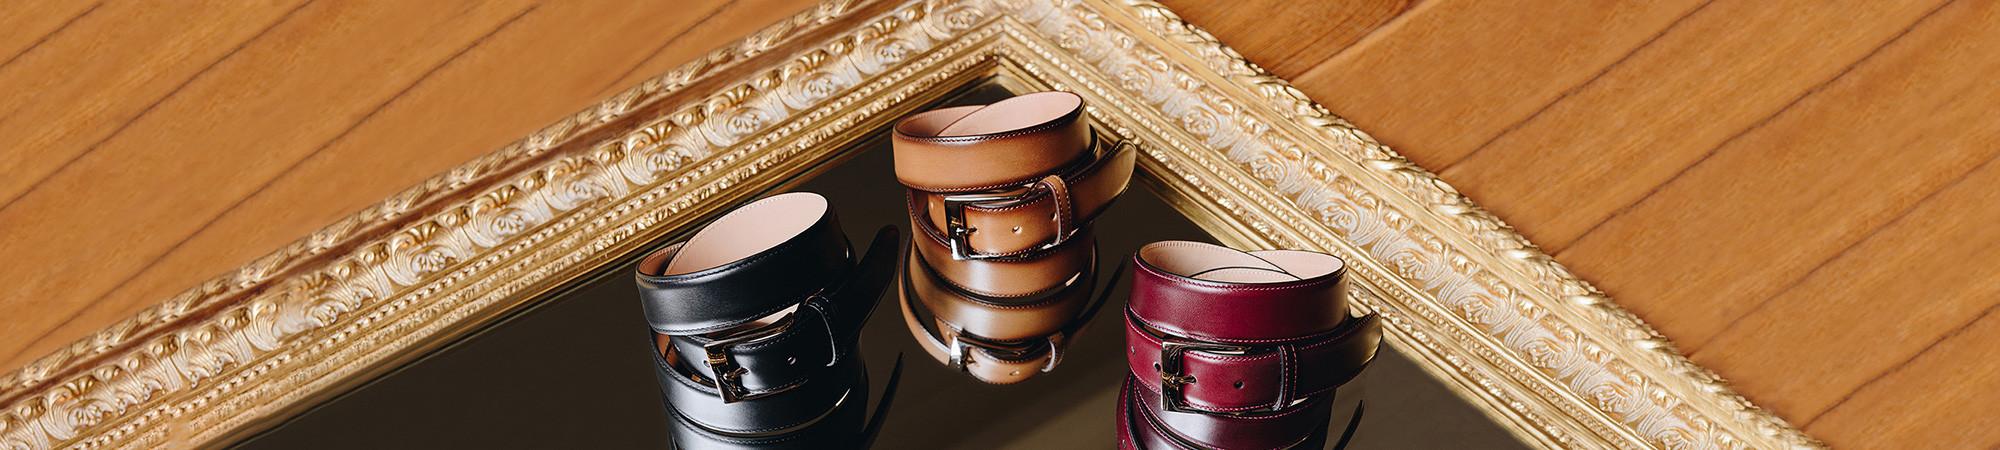 Maroquinerie pour homme - les ceintures Emling